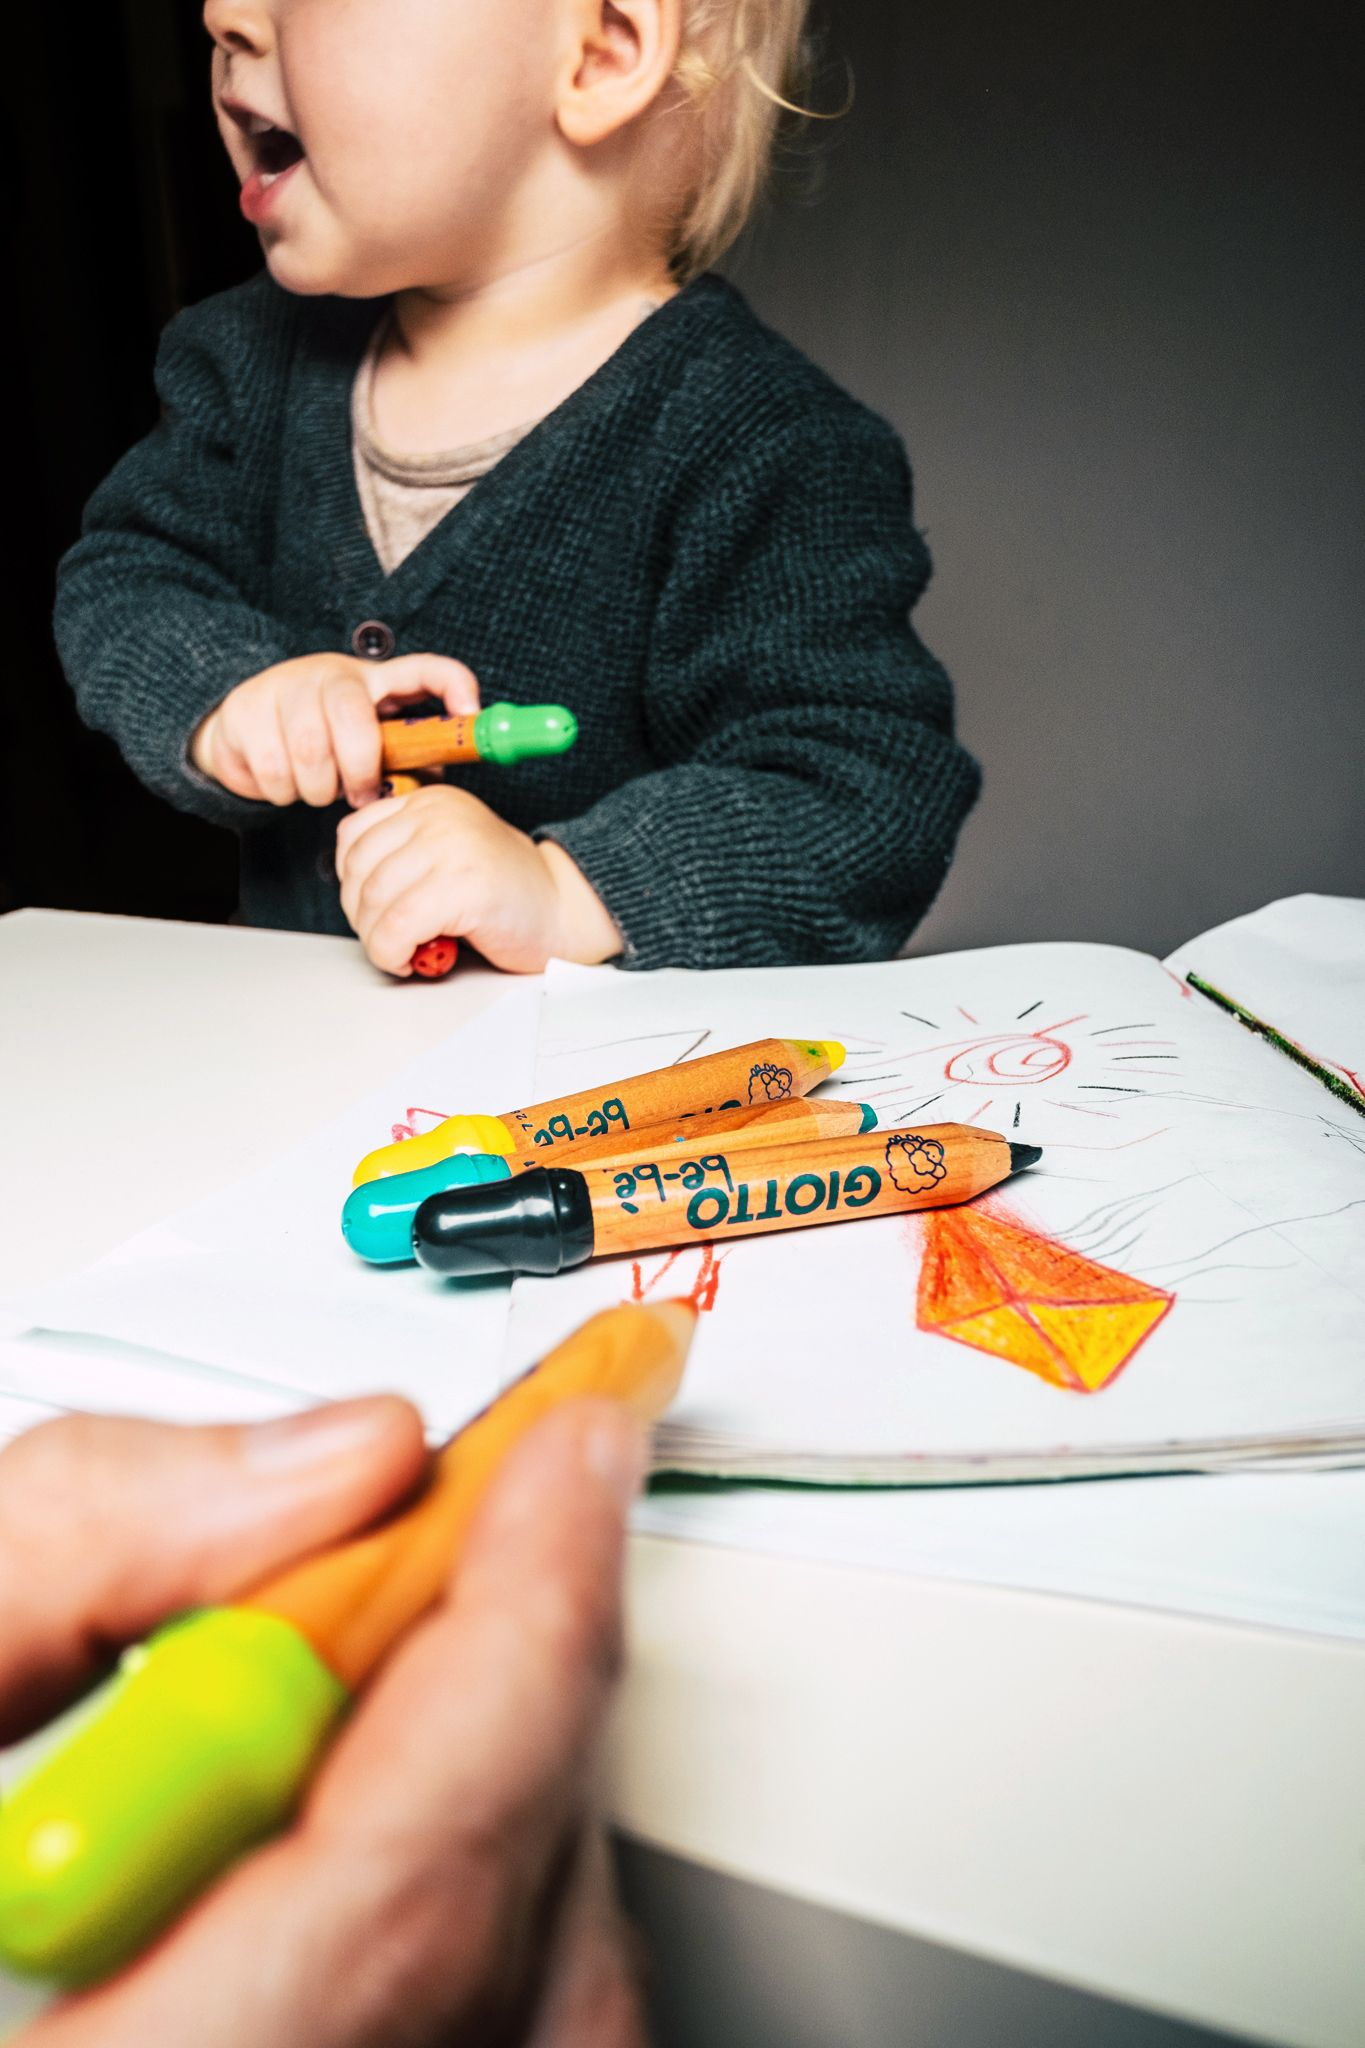 Montessori Geschenke 10 Ideen Ab 1 Jahr The Krauts In 2020 Geschenkideen Geburtstag Kinder Geschenk Kind 1 Jahr Geschenk Baby 1 Jahr